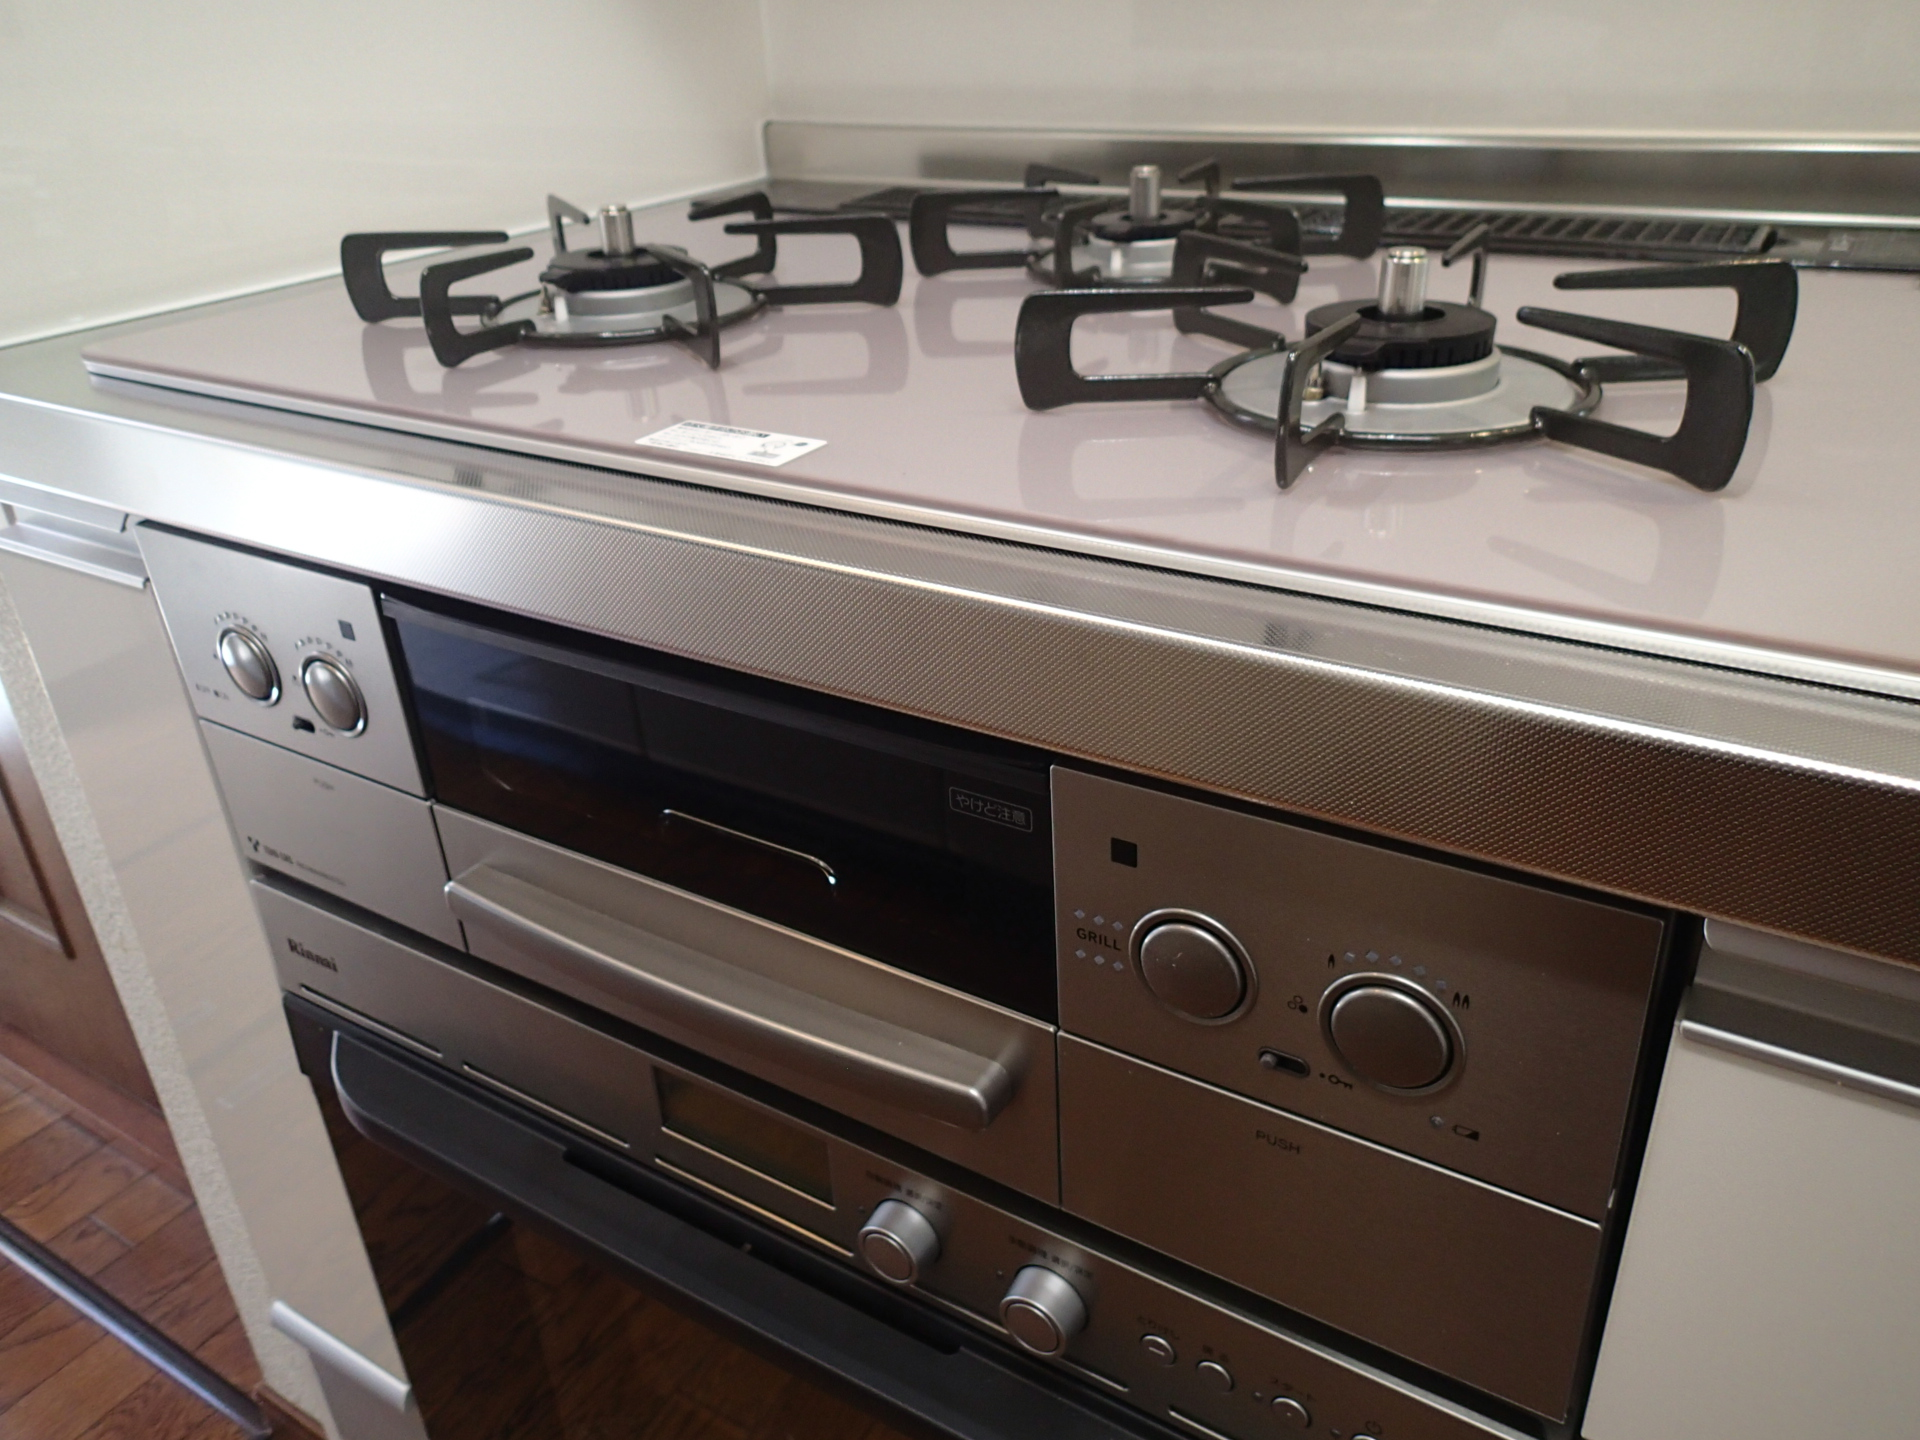 コンロもオーブンも最新式です。